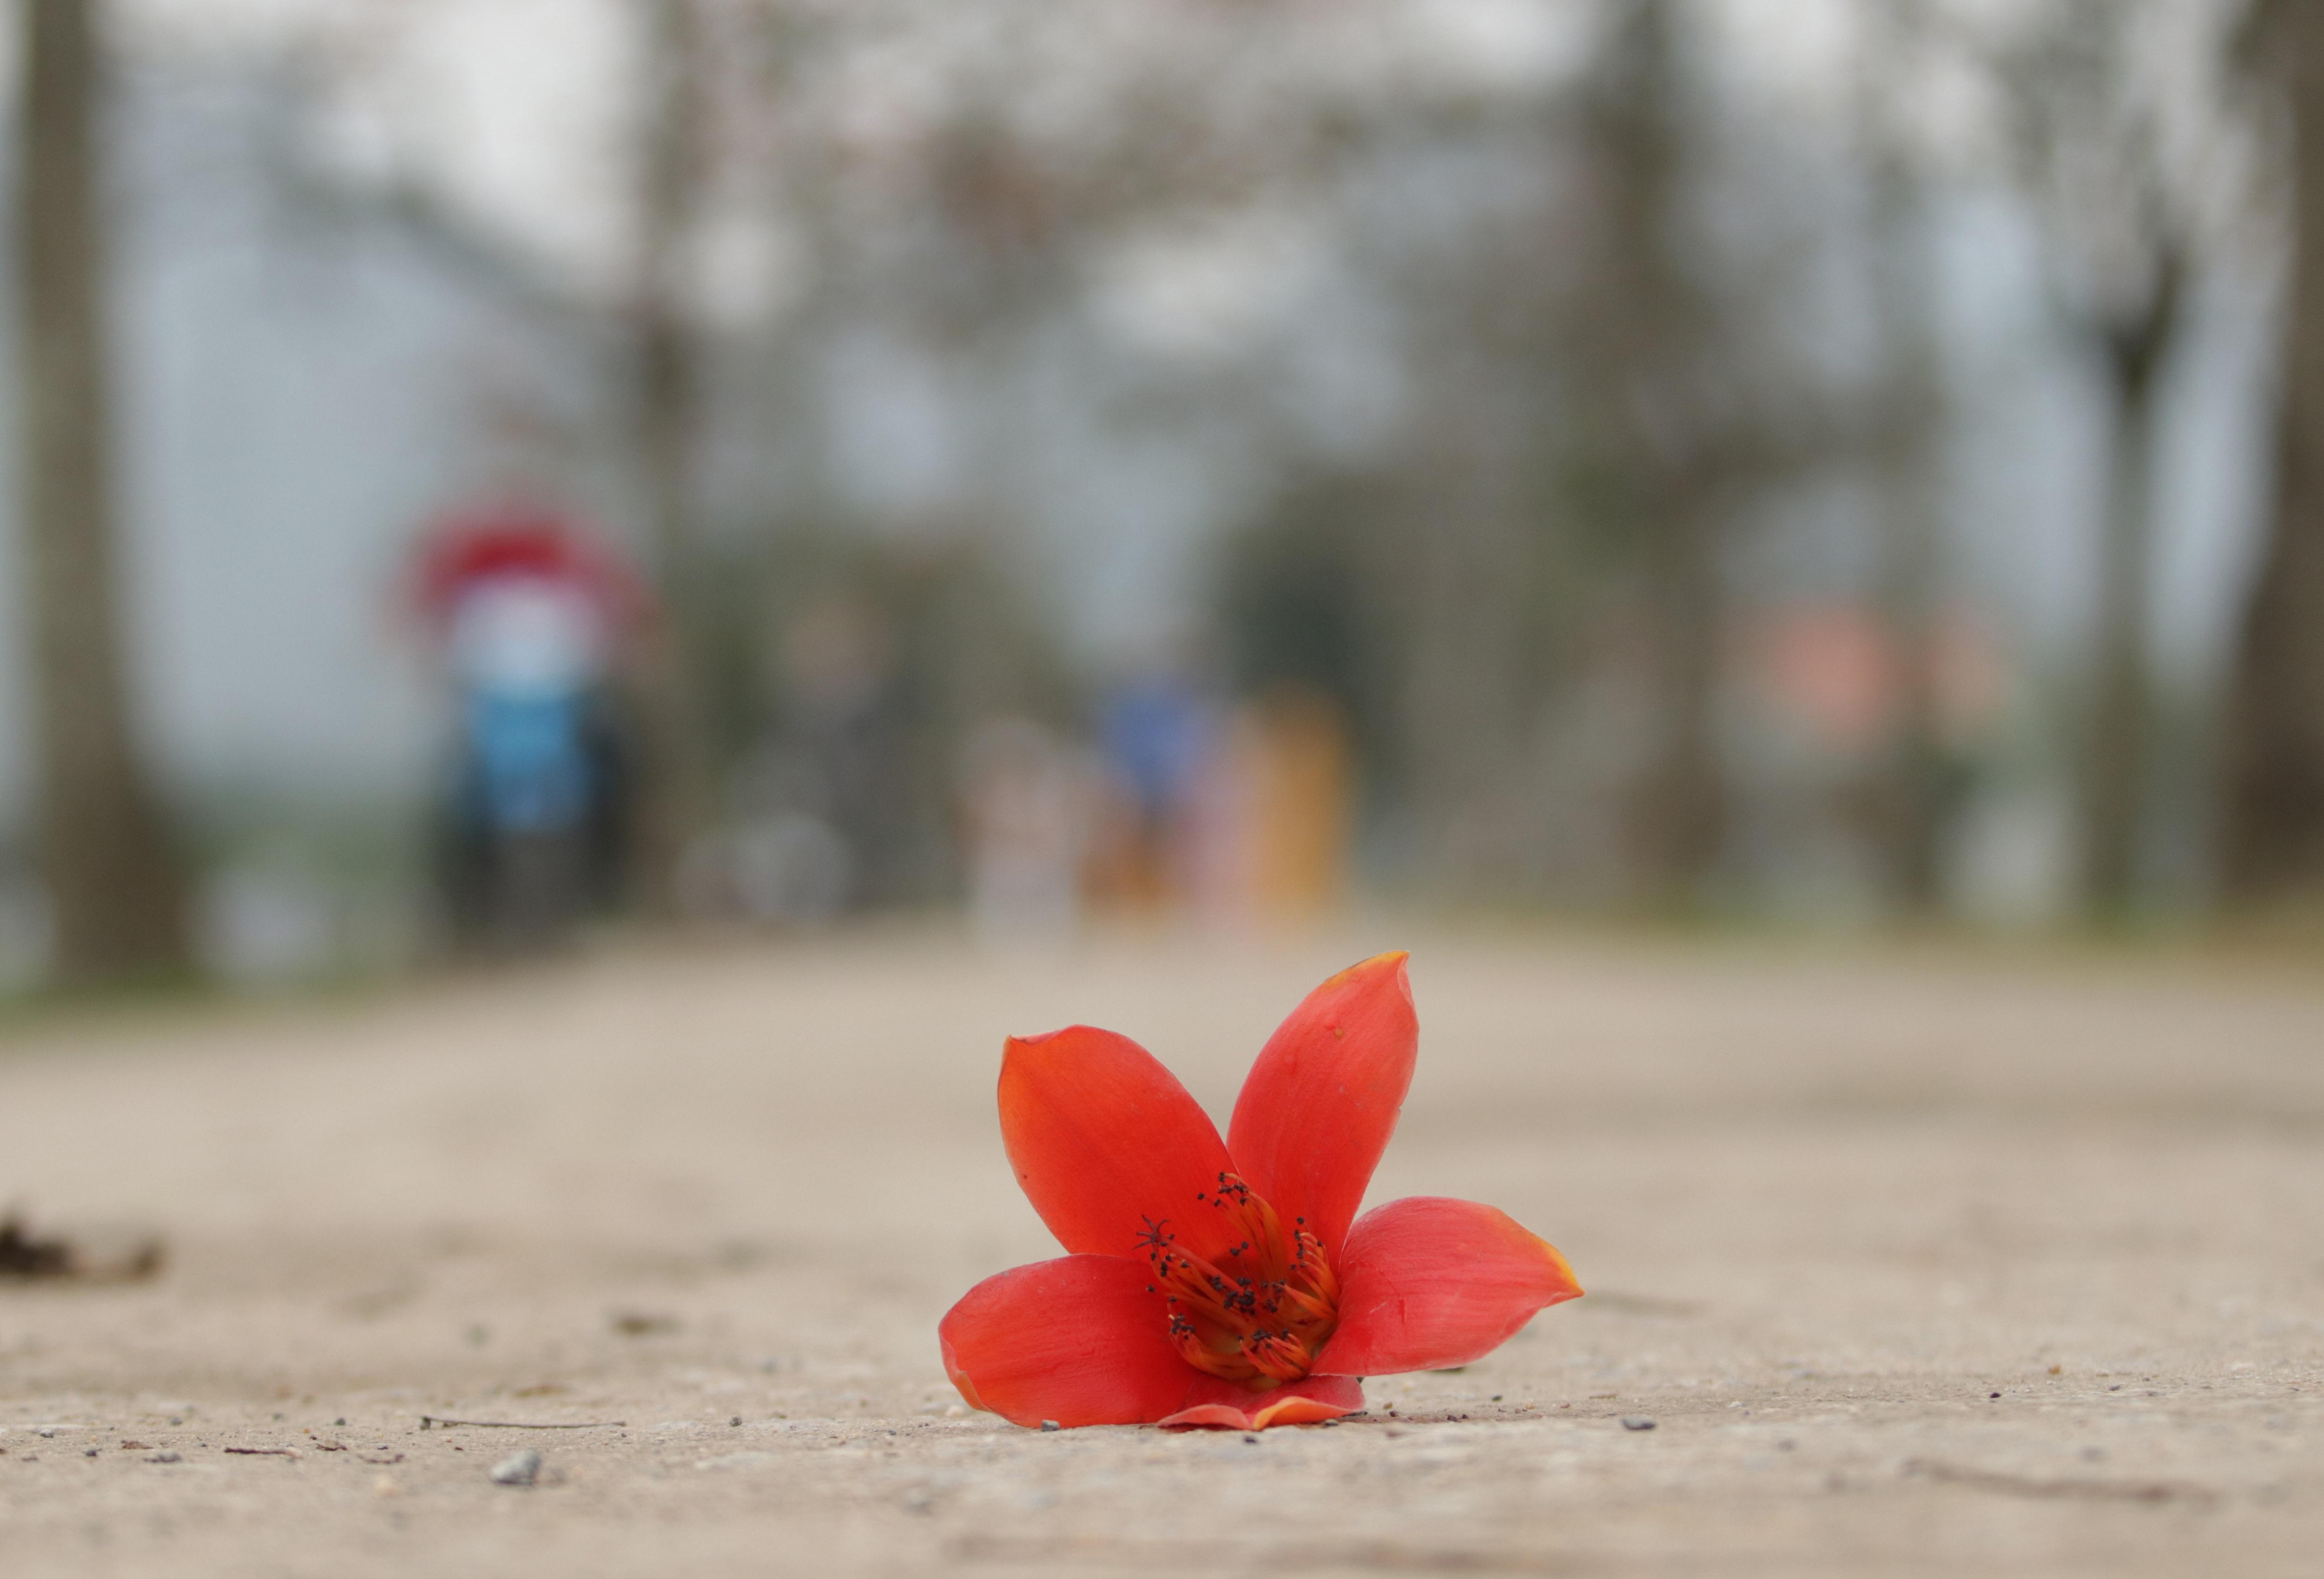 Hoa gạo nhuộm đỏ những góc trời ở ngoại thành Hà Nội - 17